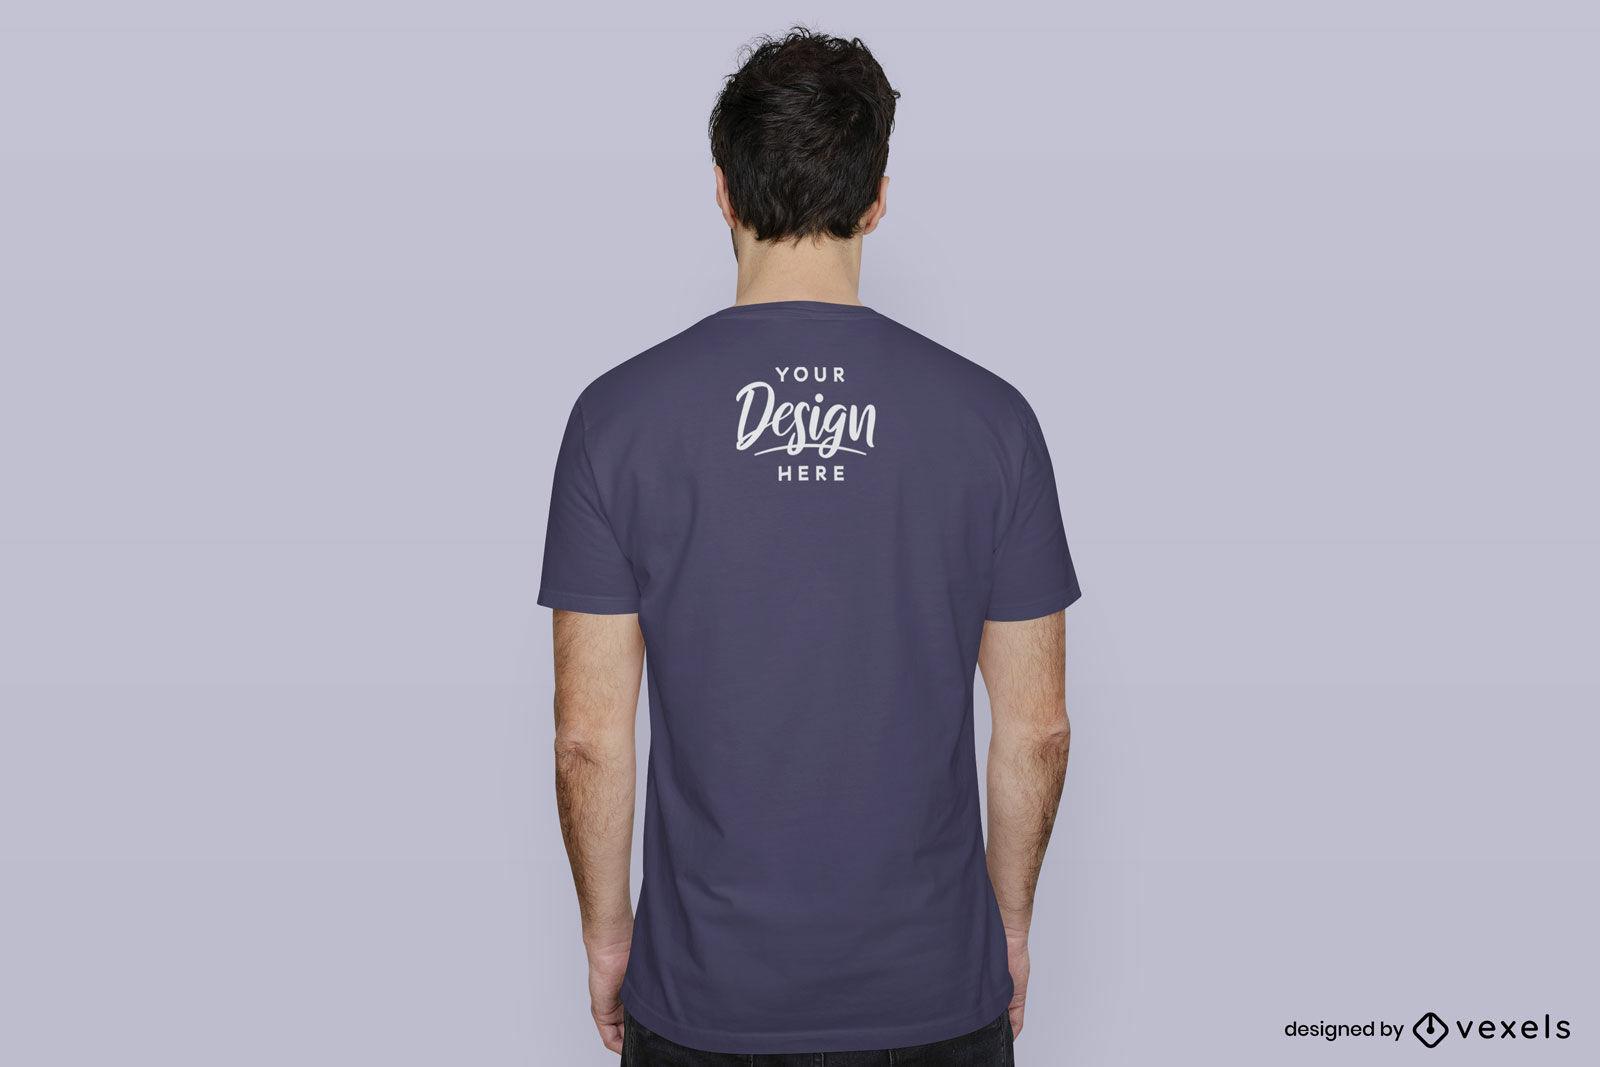 Blaues T-Shirt Mannmodell rückwärts flacher Hintergrund